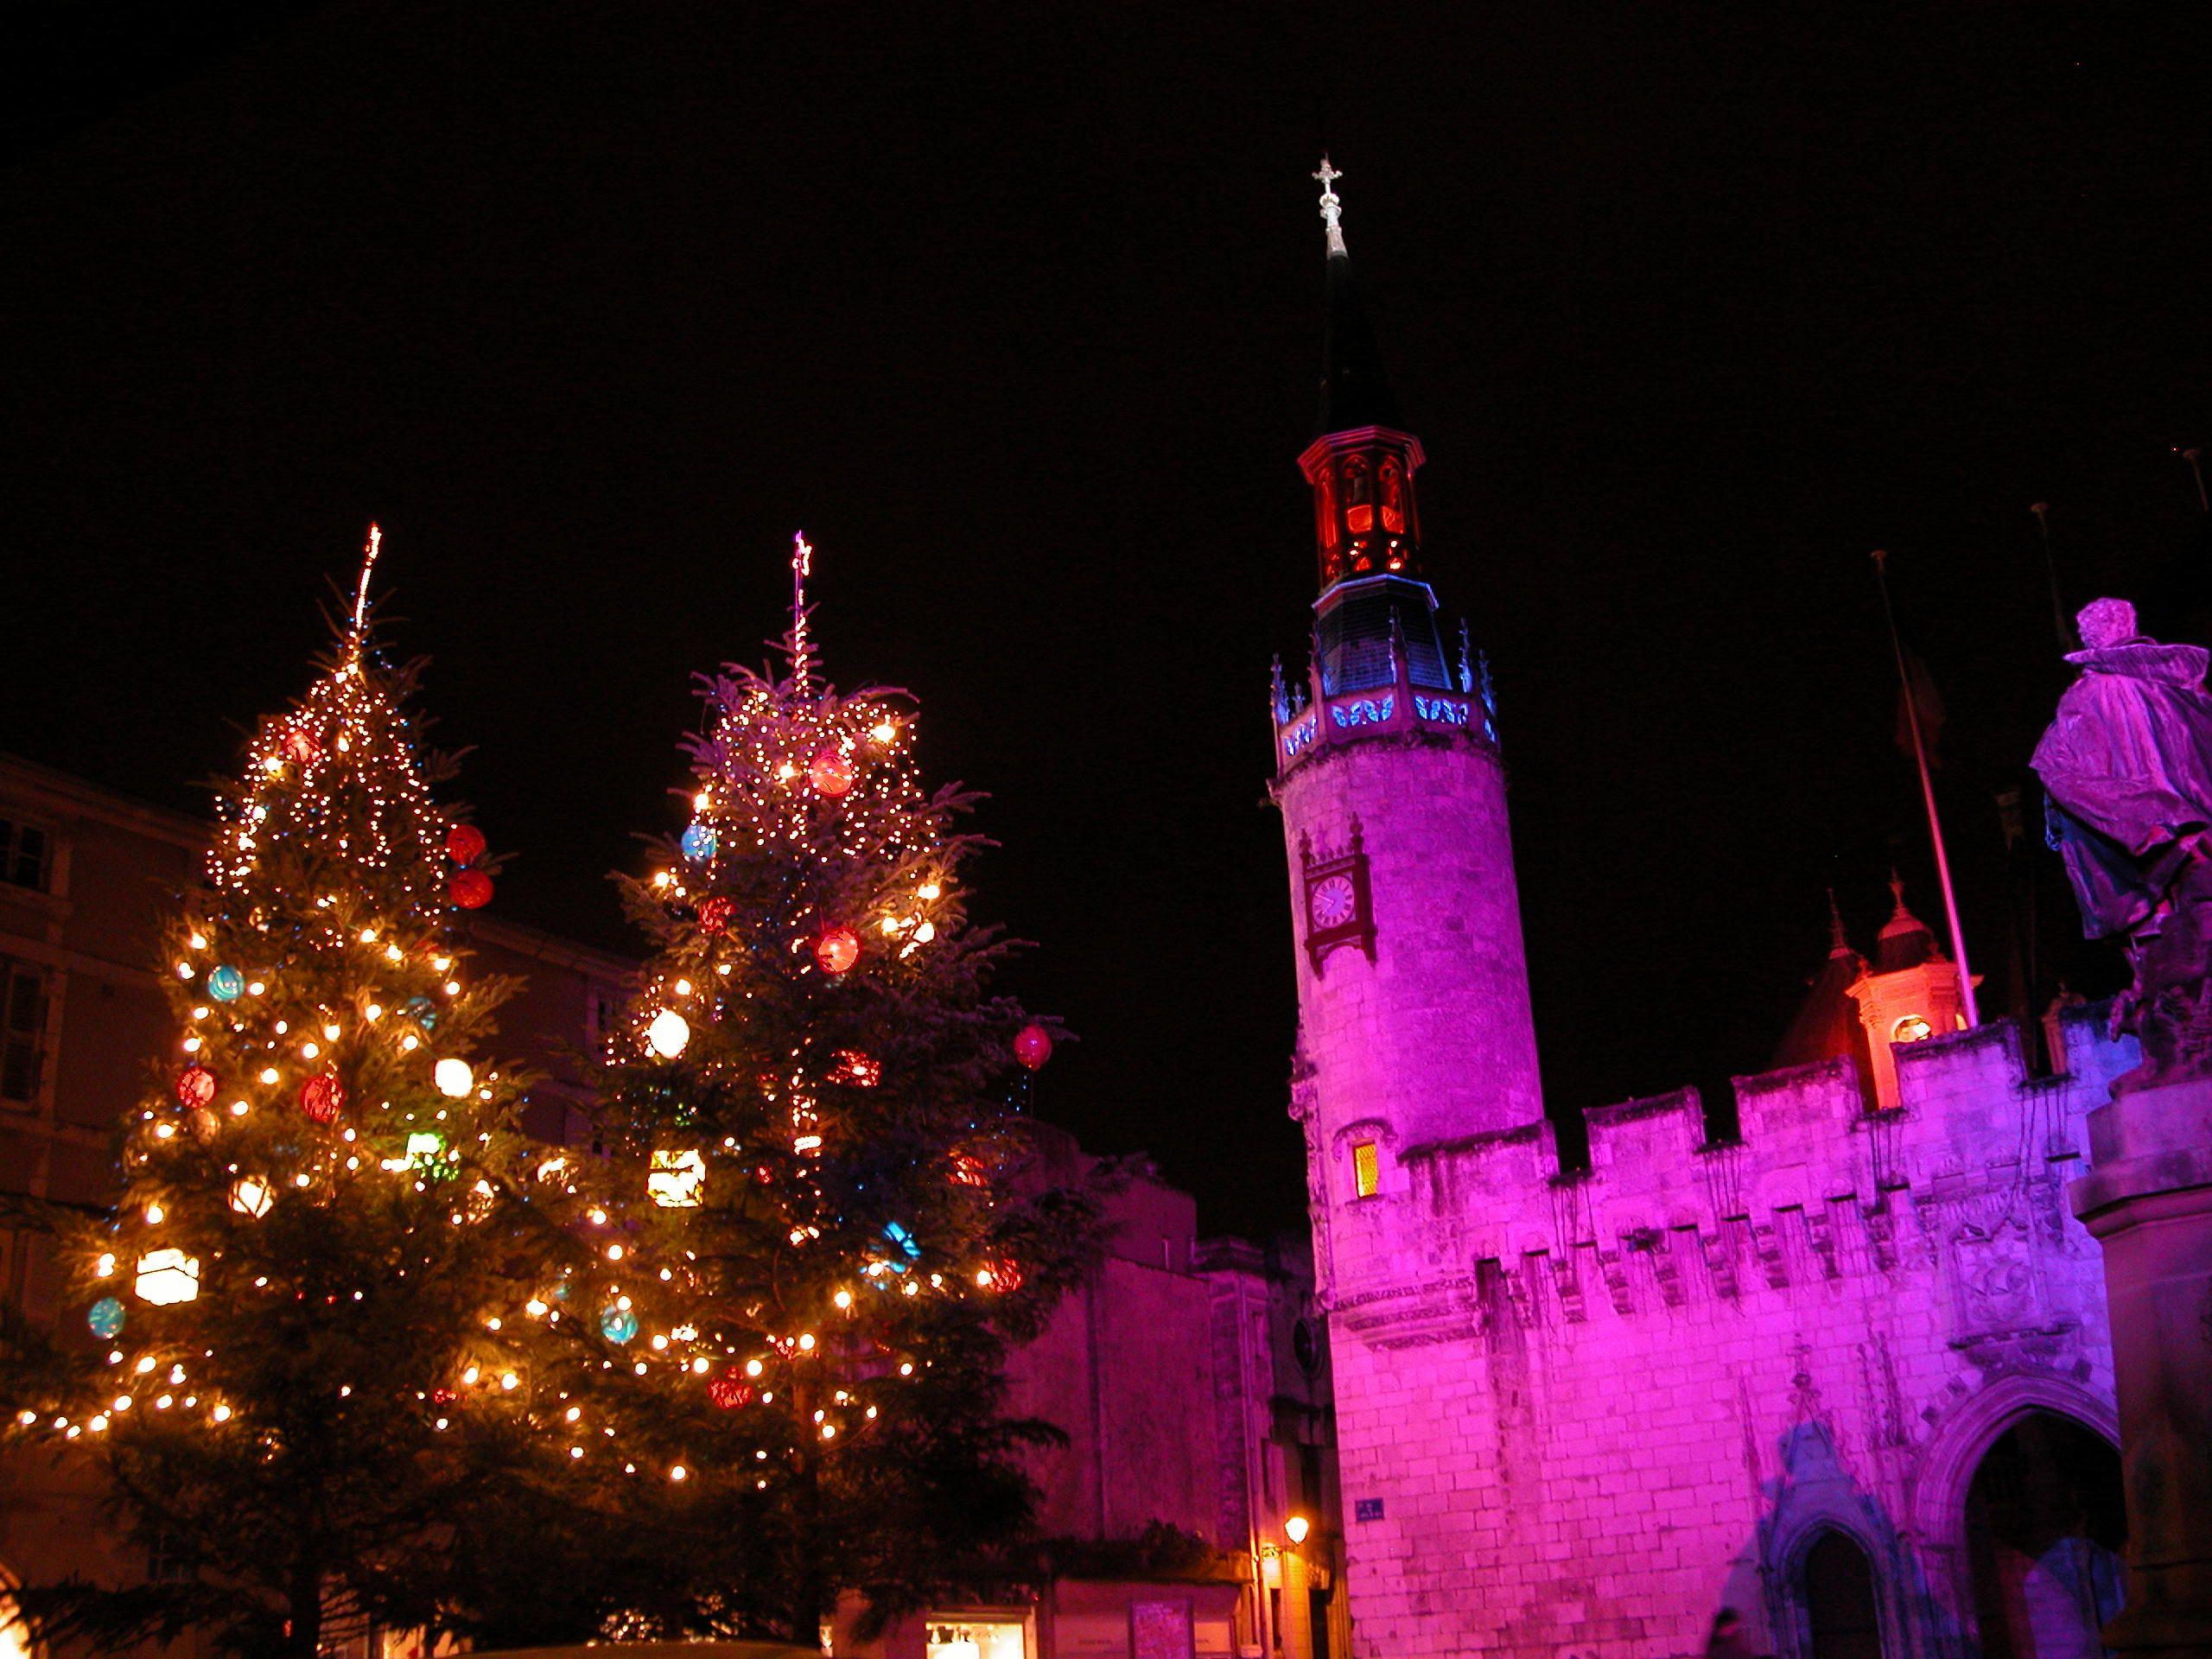 Marché De Noel En Charente Illuminations de Noël à l'Hôtel de Ville de La Rochelle   Marché